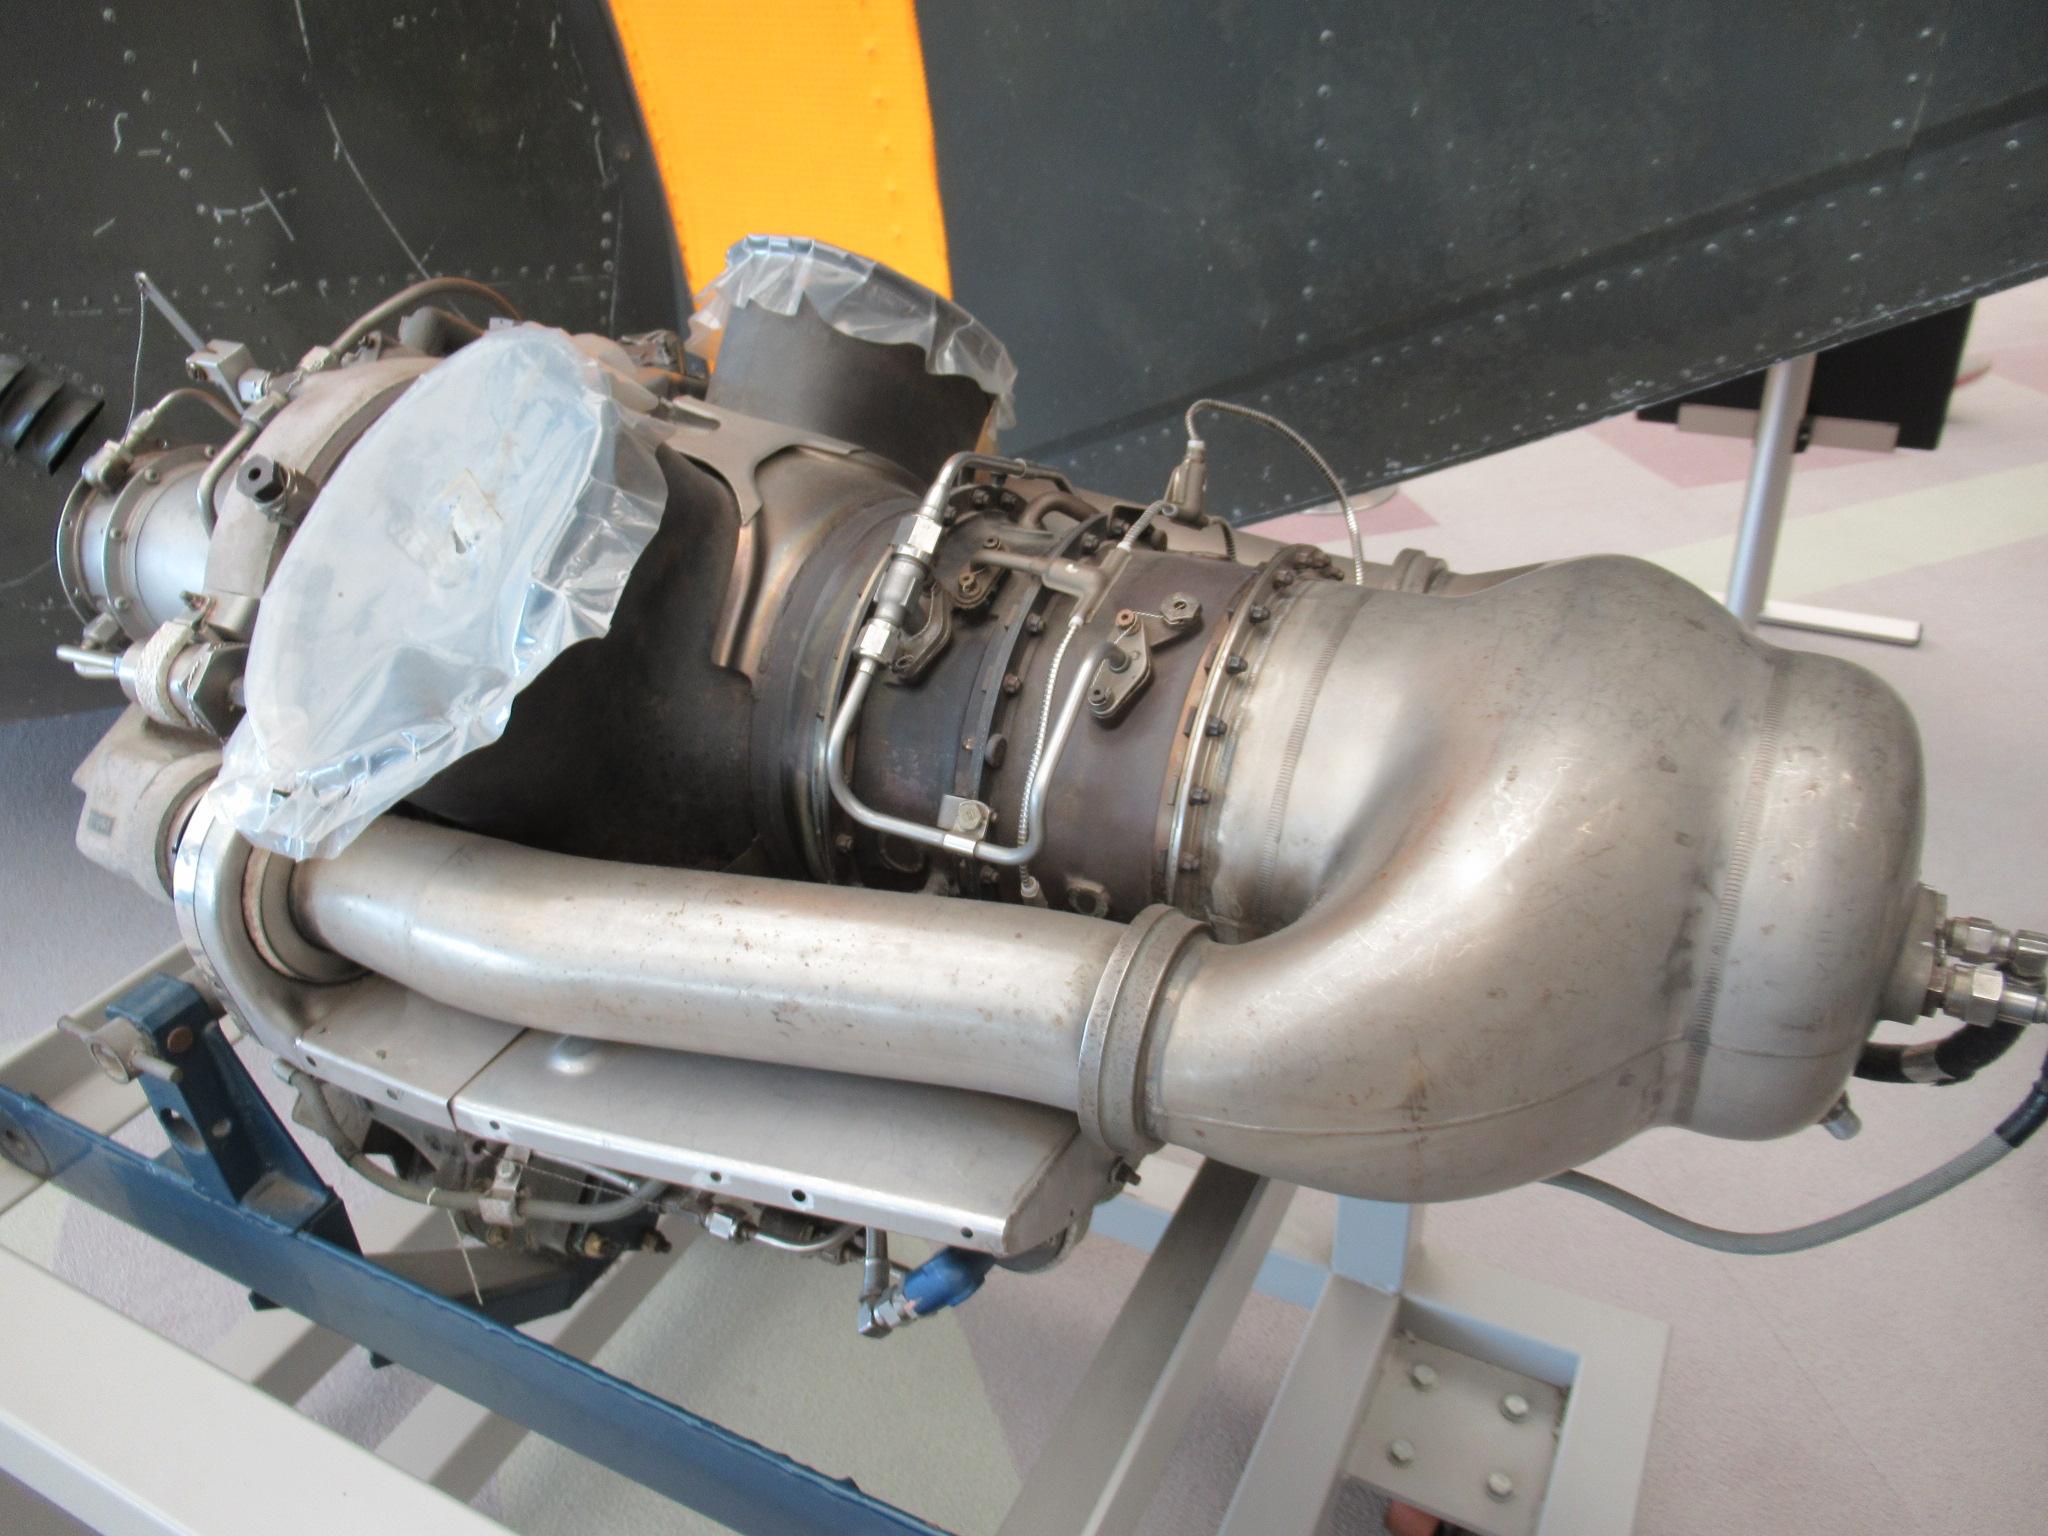 http://www.precious-factory.com/preciousfactory2010/IMG_0180.JPG